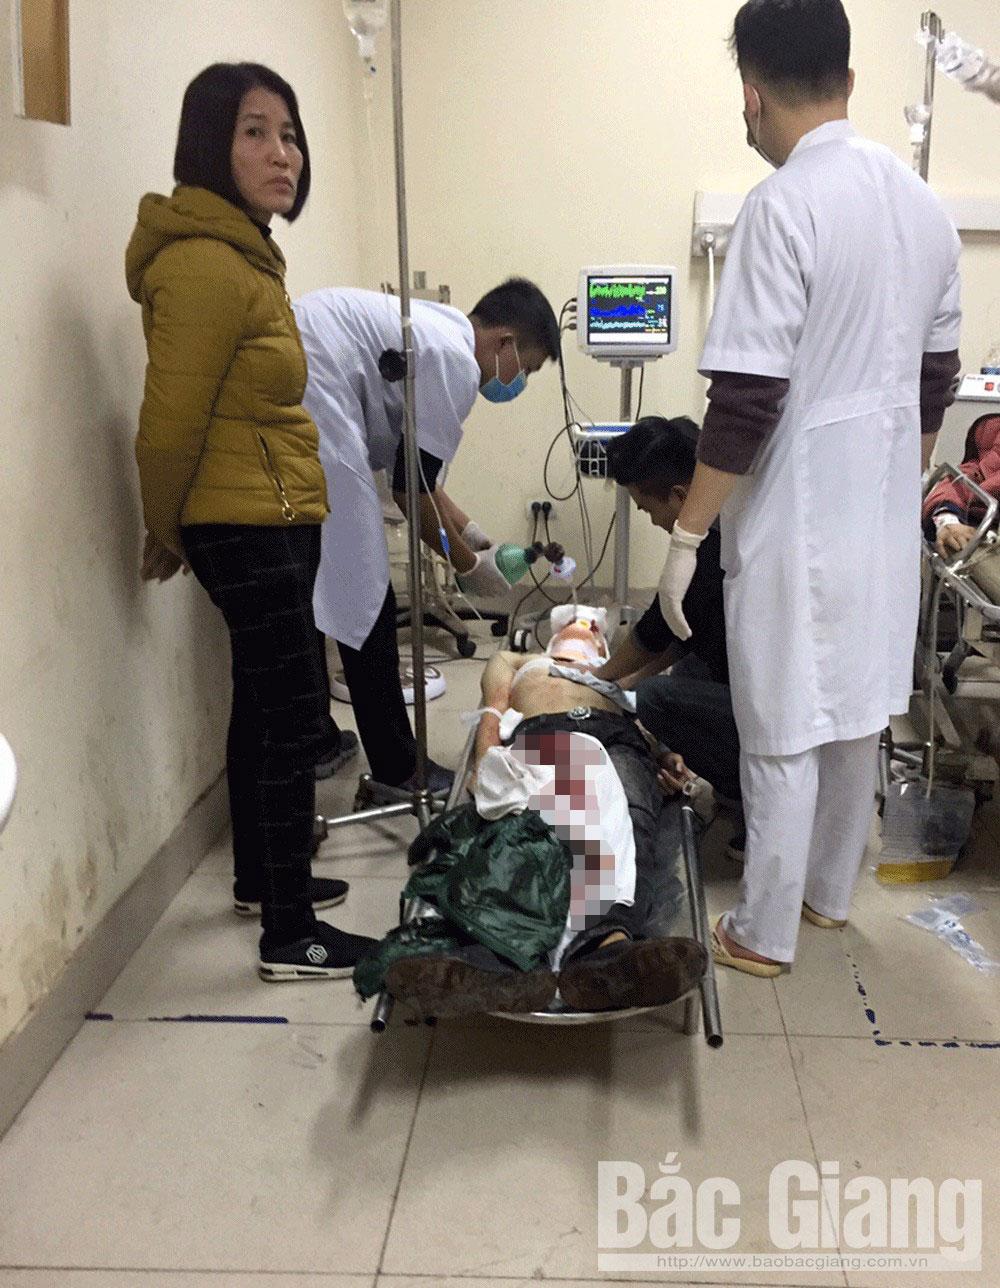 N.ạn nhân được c.ấp cứu tại Bệnh viện Đa khoa tỉnh.